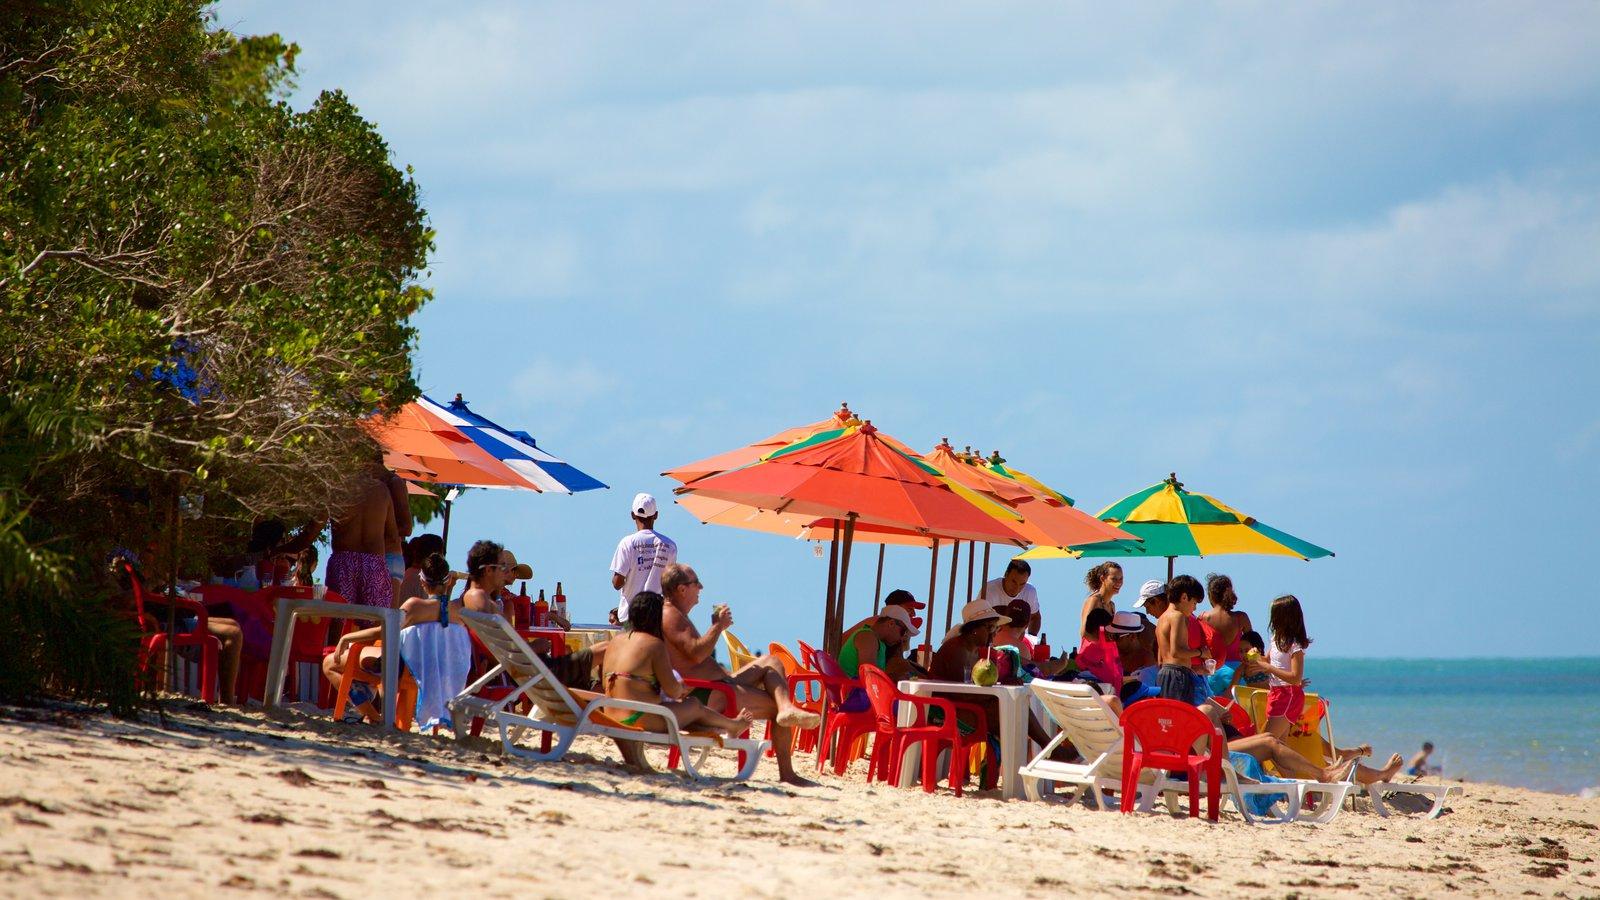 Praia do Mutá que inclui paisagens litorâneas e uma praia de areia assim como um grande grupo de pessoas